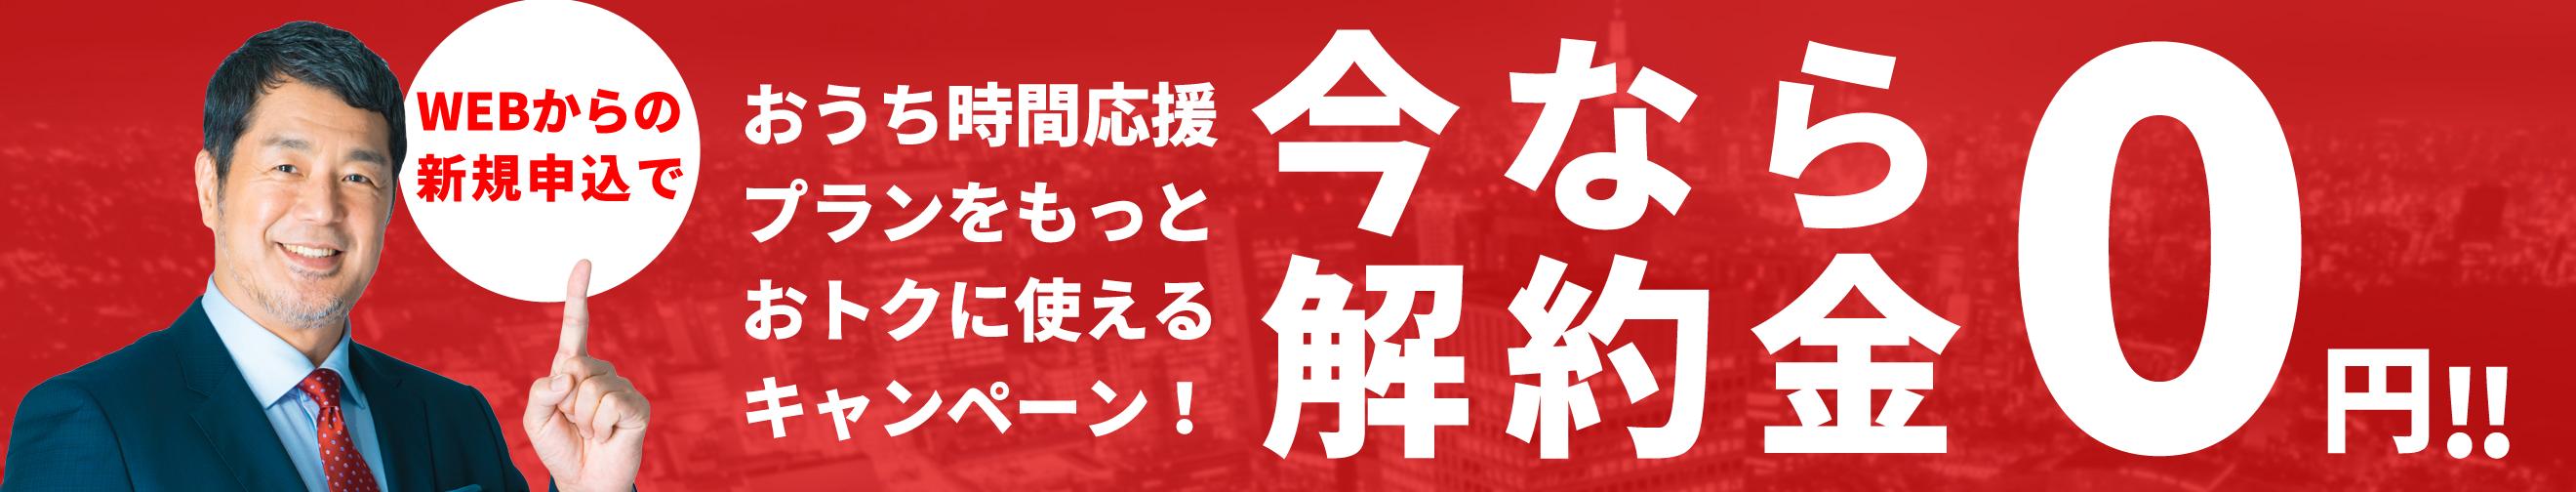 解約金0円キャンペーン!